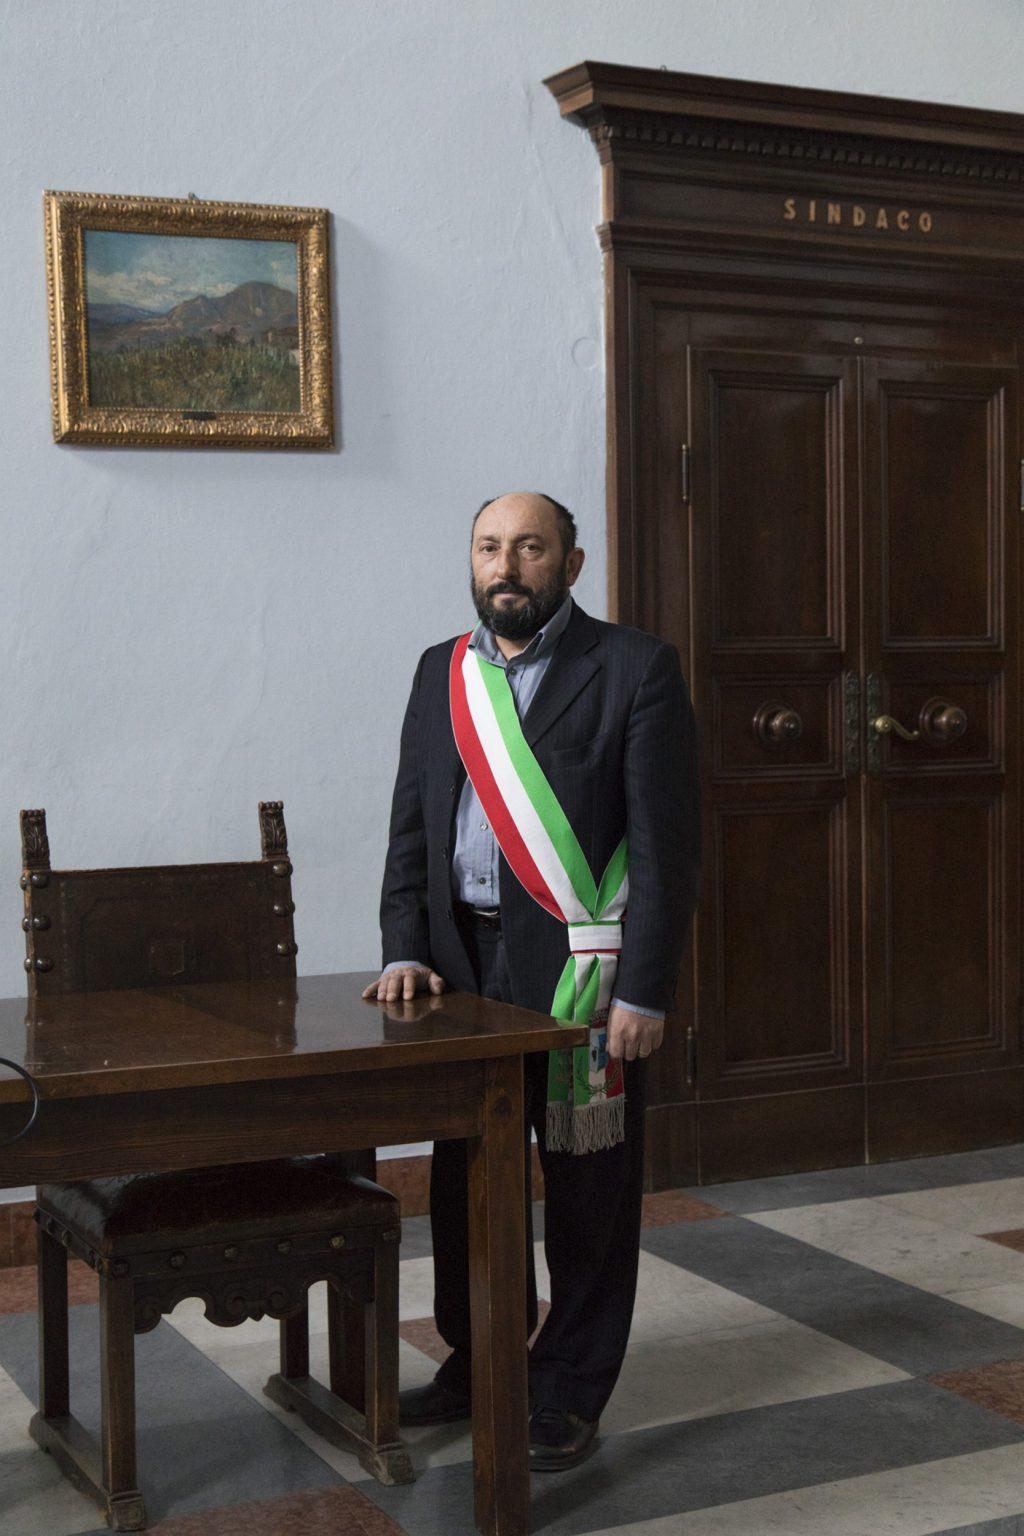 museum-of-fascism-in-predappio-italy